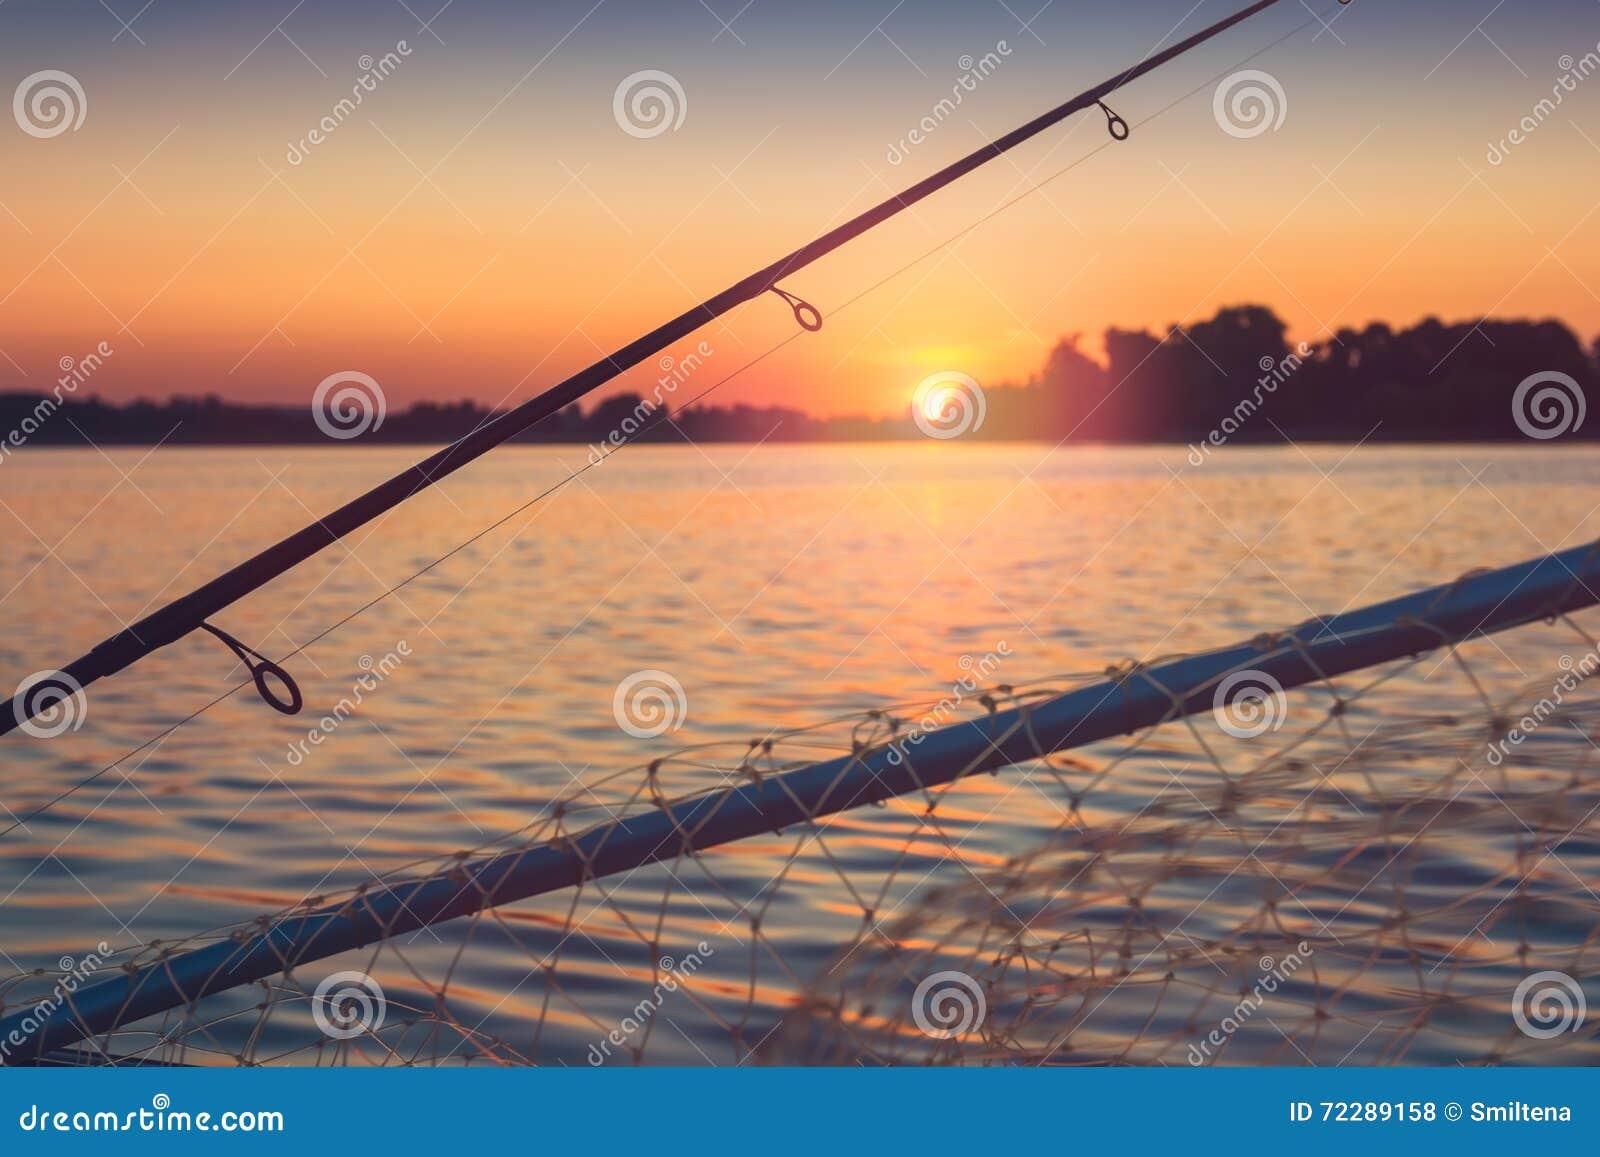 Предпосылка рыбной ловли